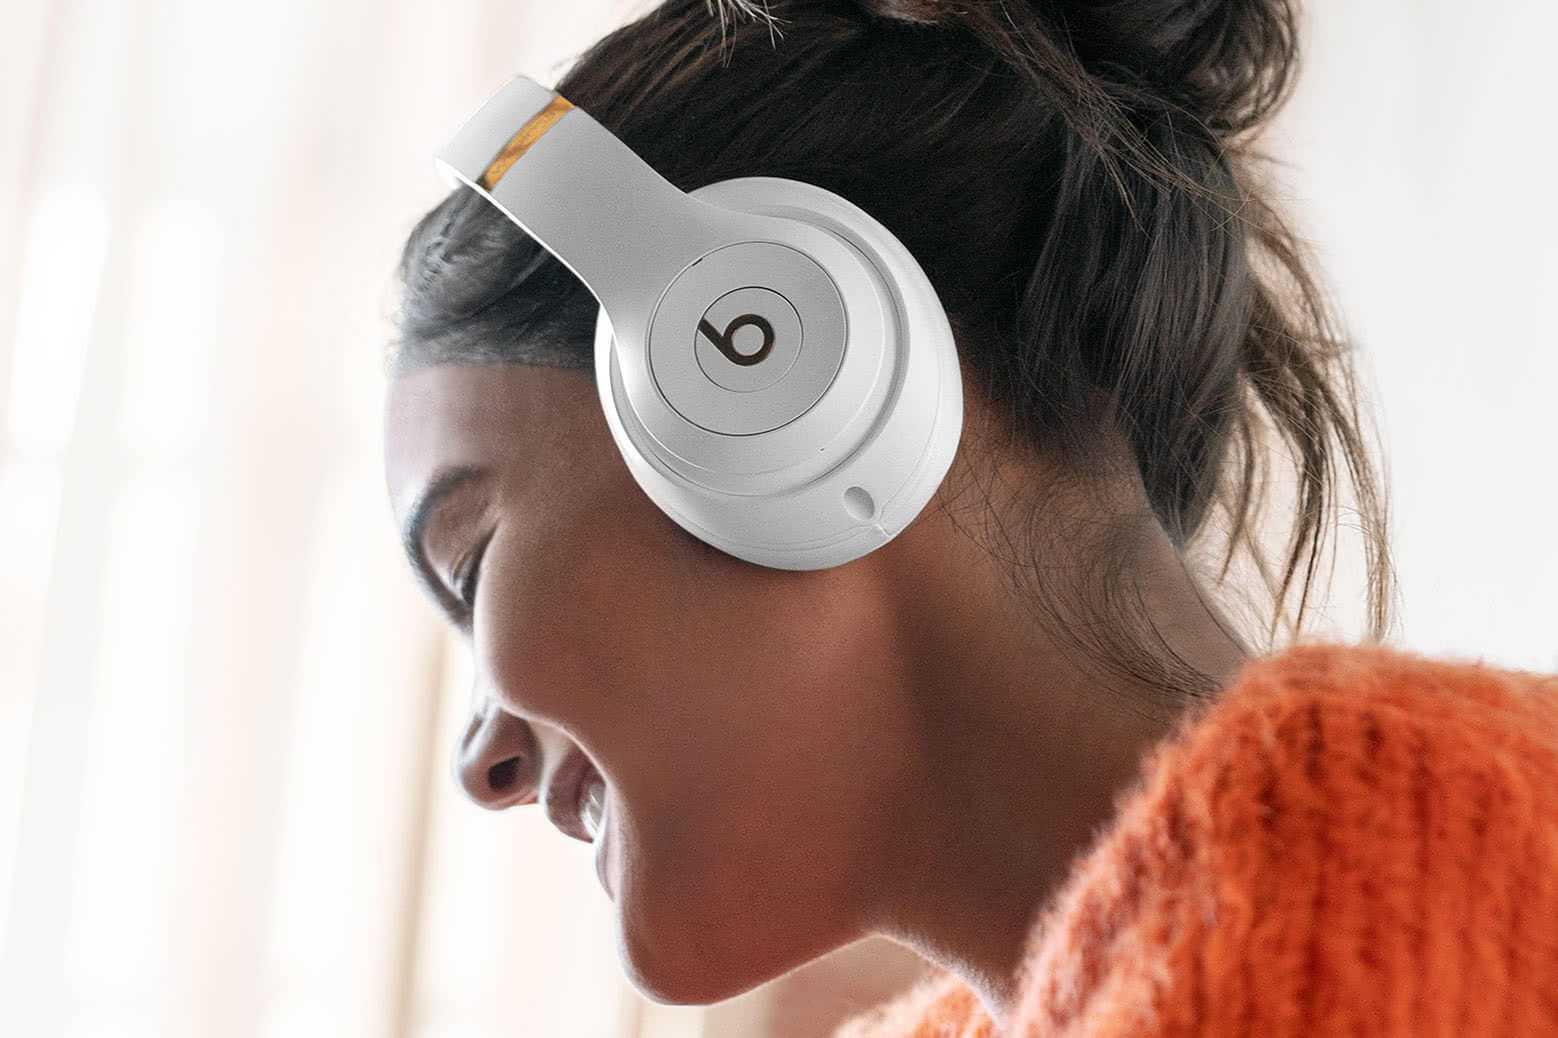 Beatsのヘッドホンおすすめ人気モデル4選。愛用する有名人も多数